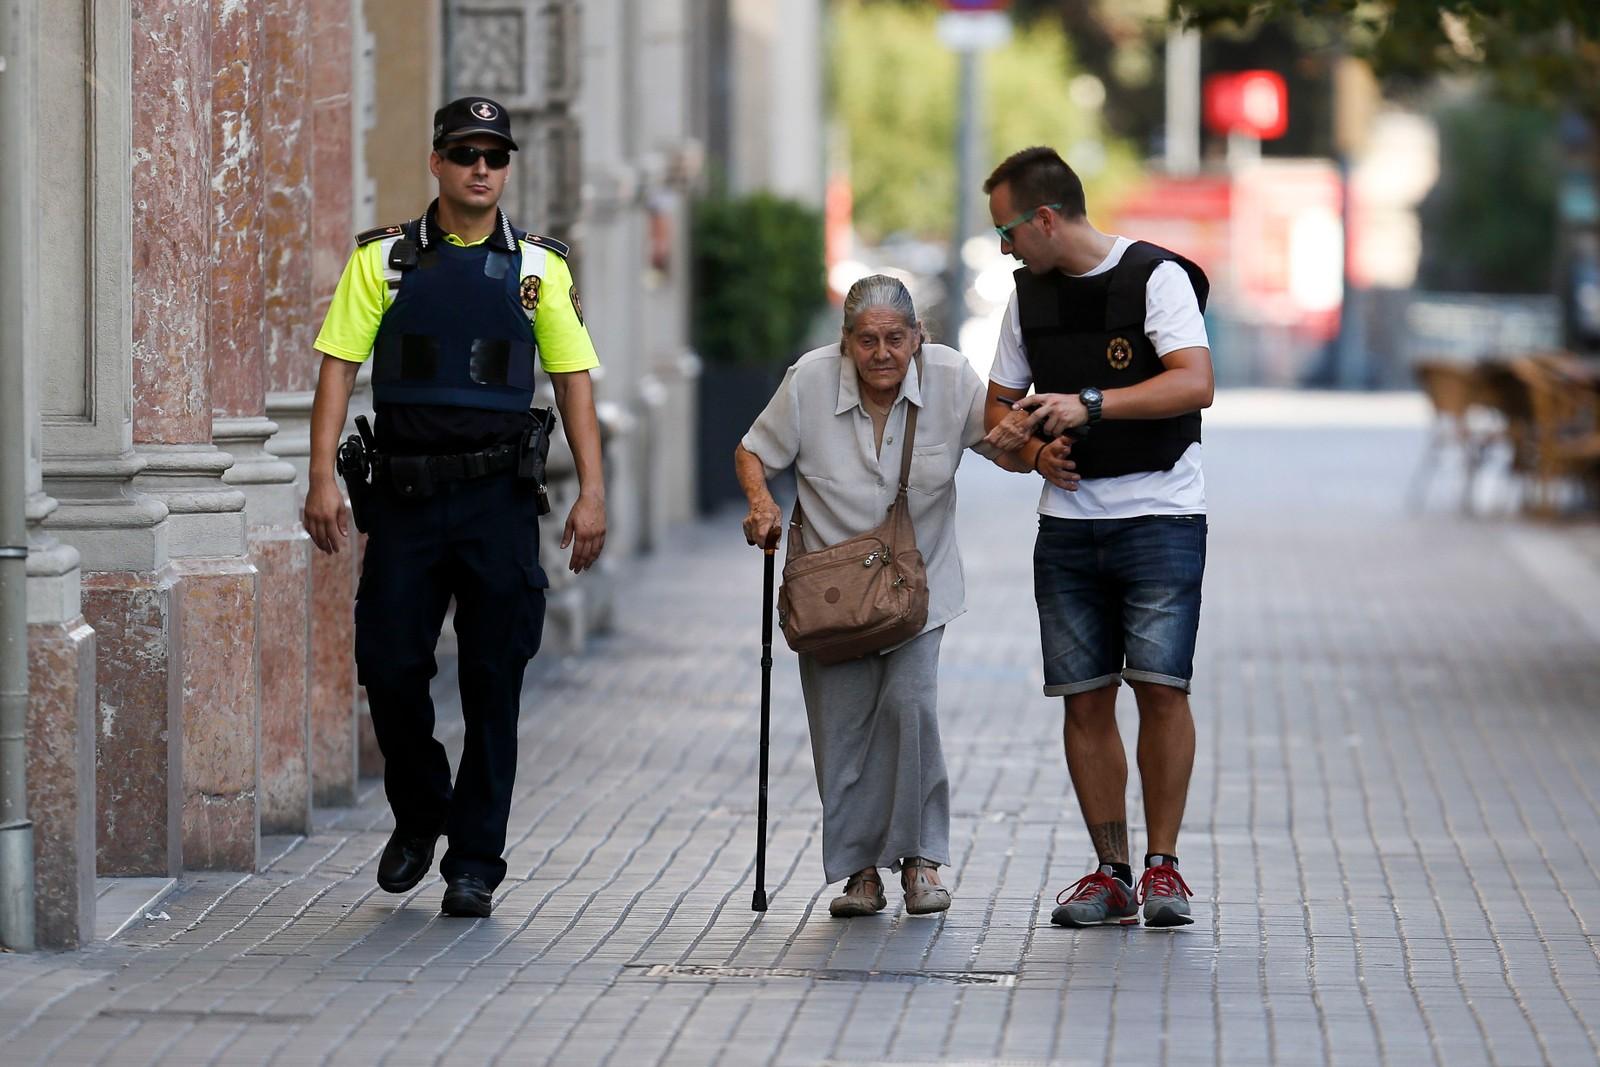 EVAKUERER: Politimenn hjelper en eldre kvinne ut av området som evakueres etter angrepet torsdag ettermiddag.